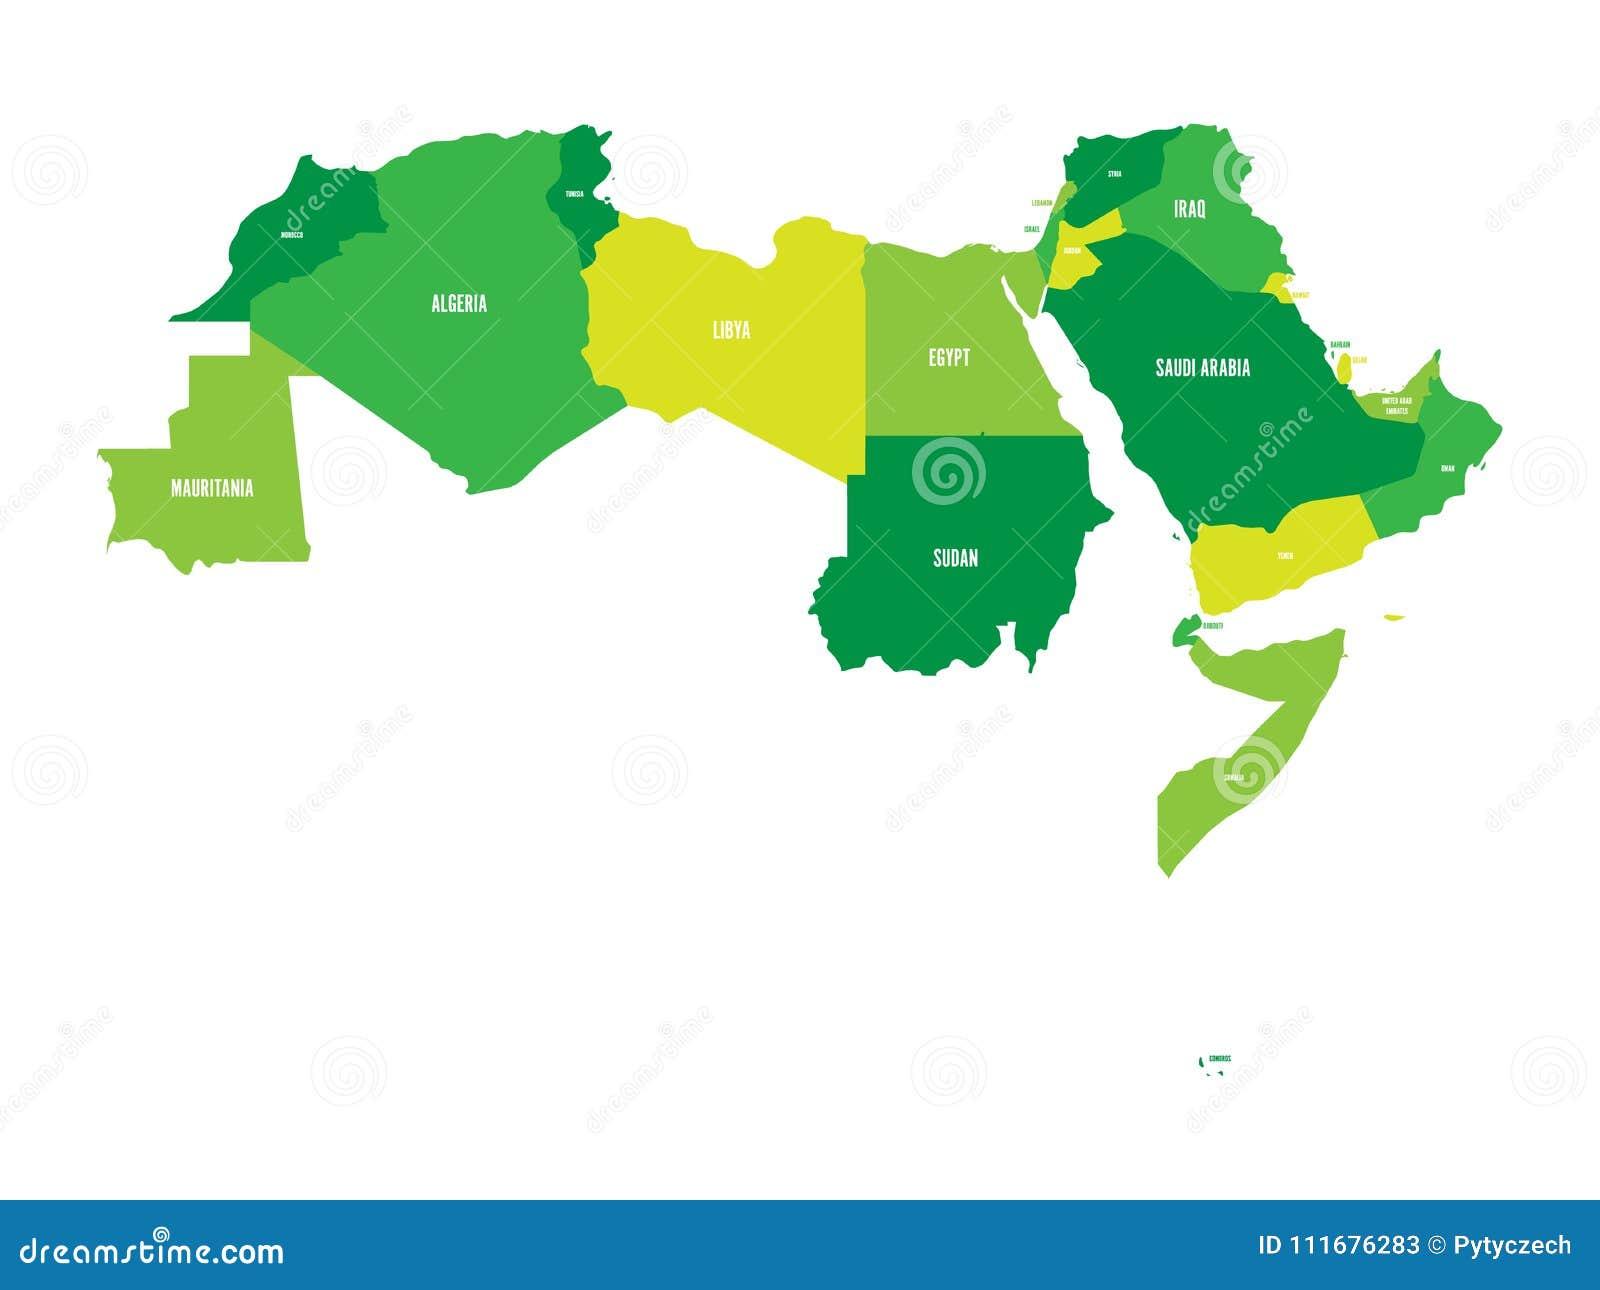 Mondo Arabo Cartina.Stati Del Mondo Arabo Una Mappa Politica Di 22 Paesi Di Lingua Araba Della Lega Araba L Africa Del Nord E Medio Oriente Illustrazione Vettoriale Illustrazione Di Morocco Asia 111676283